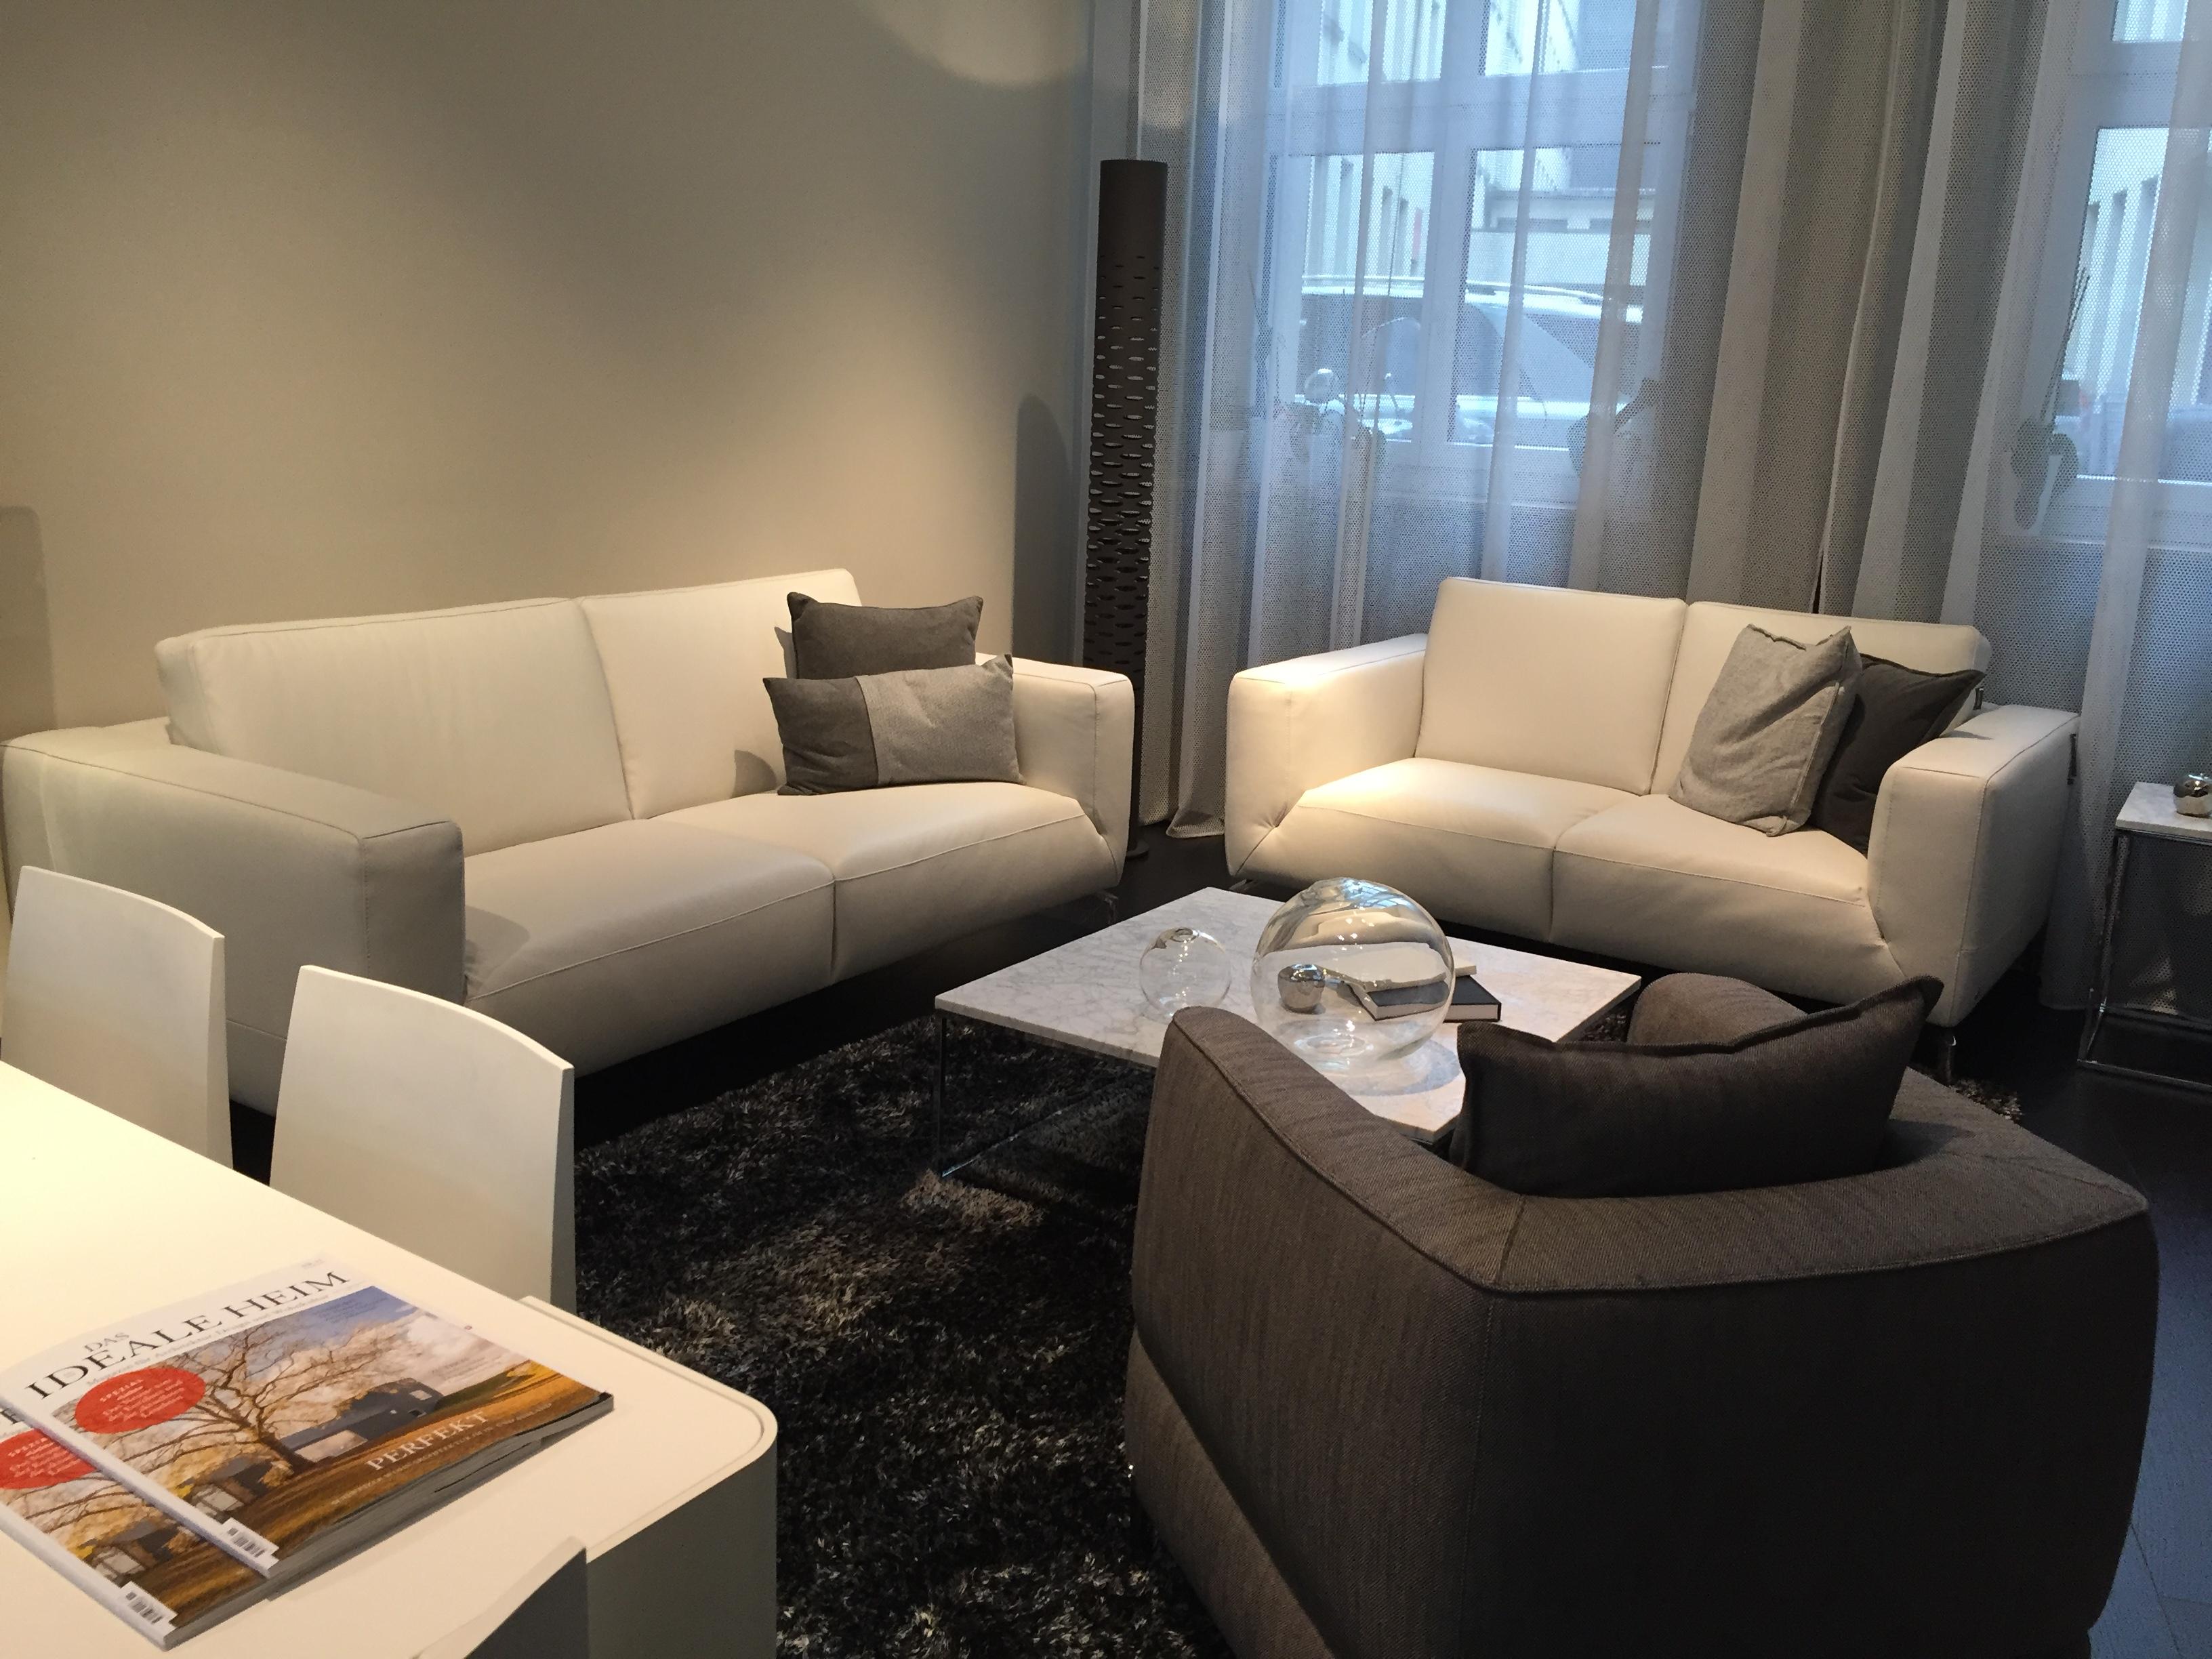 familienfreundliche und dennoch stylische sofas wohnaffinplus. Black Bedroom Furniture Sets. Home Design Ideas